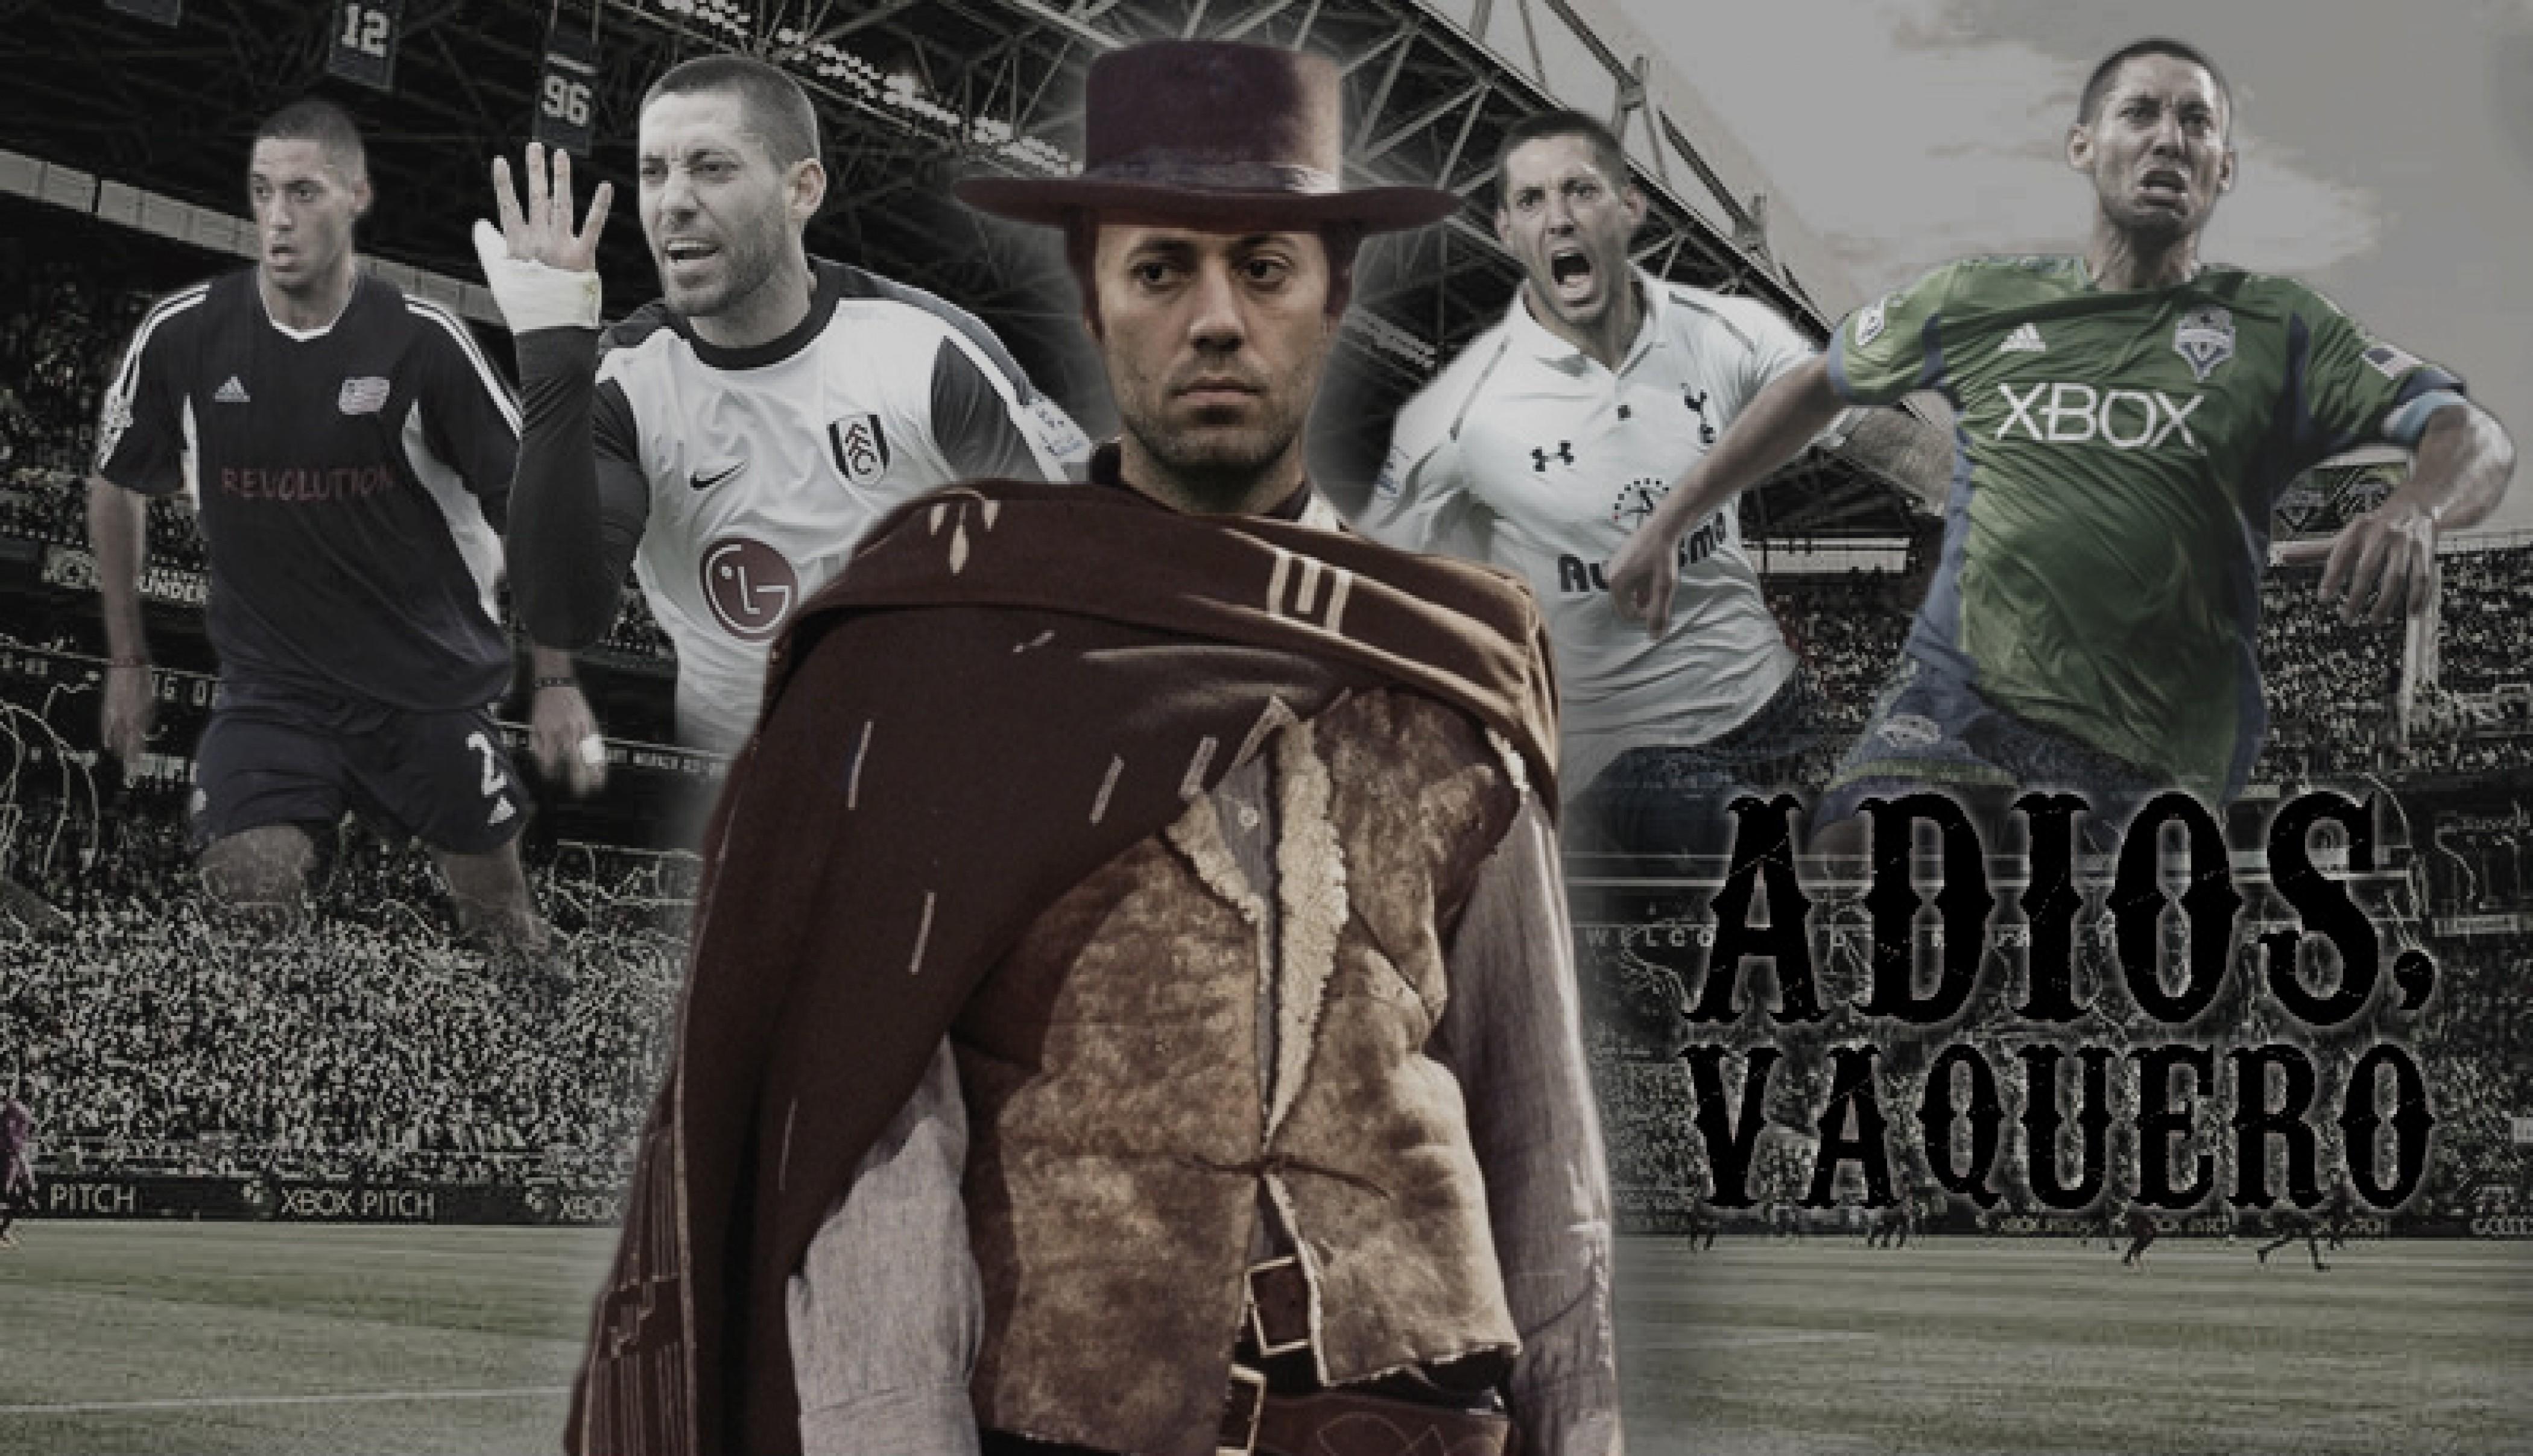 Dempsey, adios vaquero